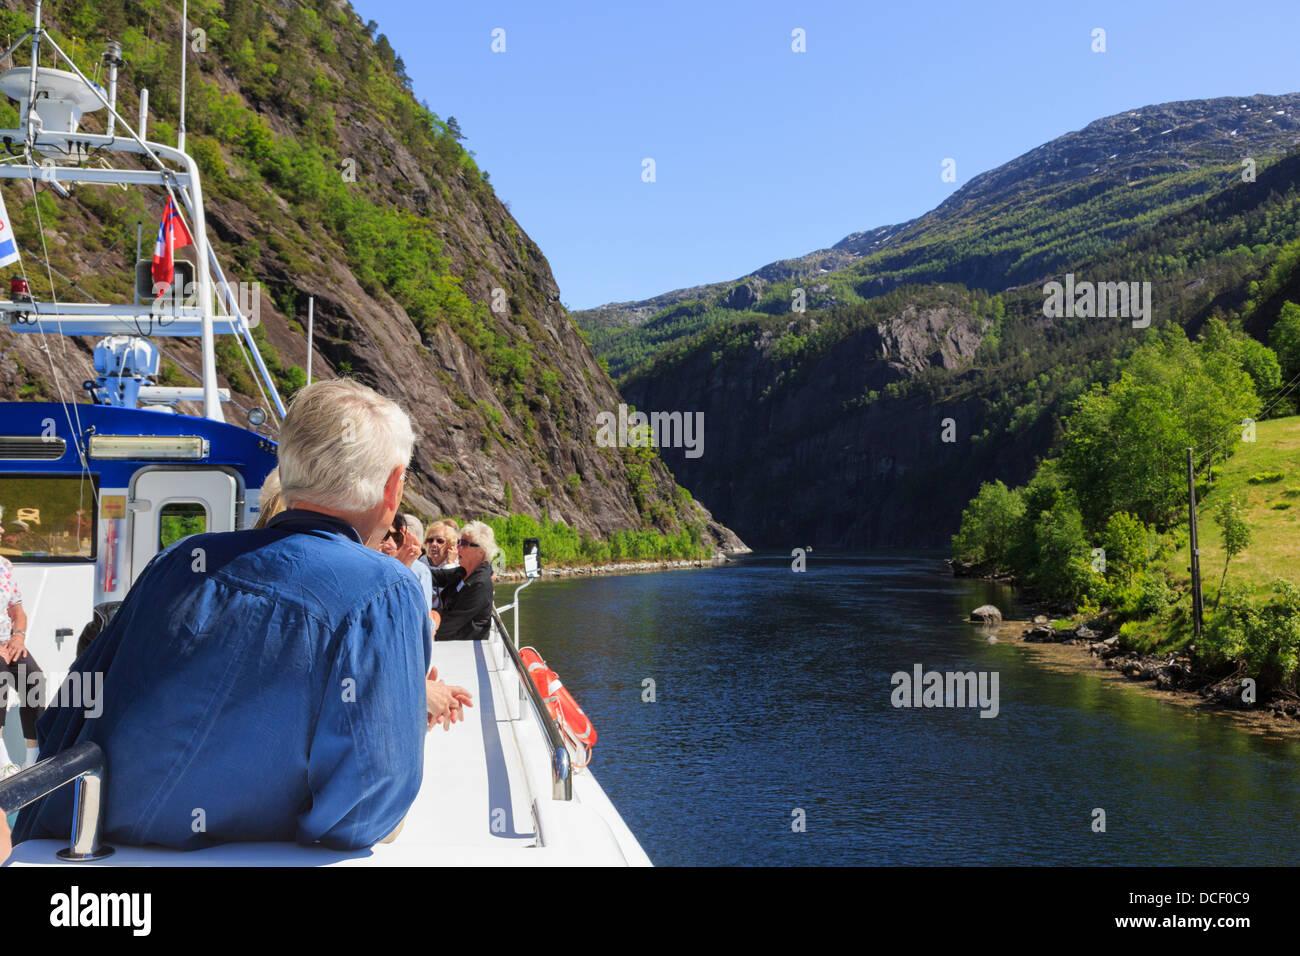 Les touristes sur le pont d'un bateau de croisière naviguant le long Mostraumen Mofjorden étroit de Photo Stock